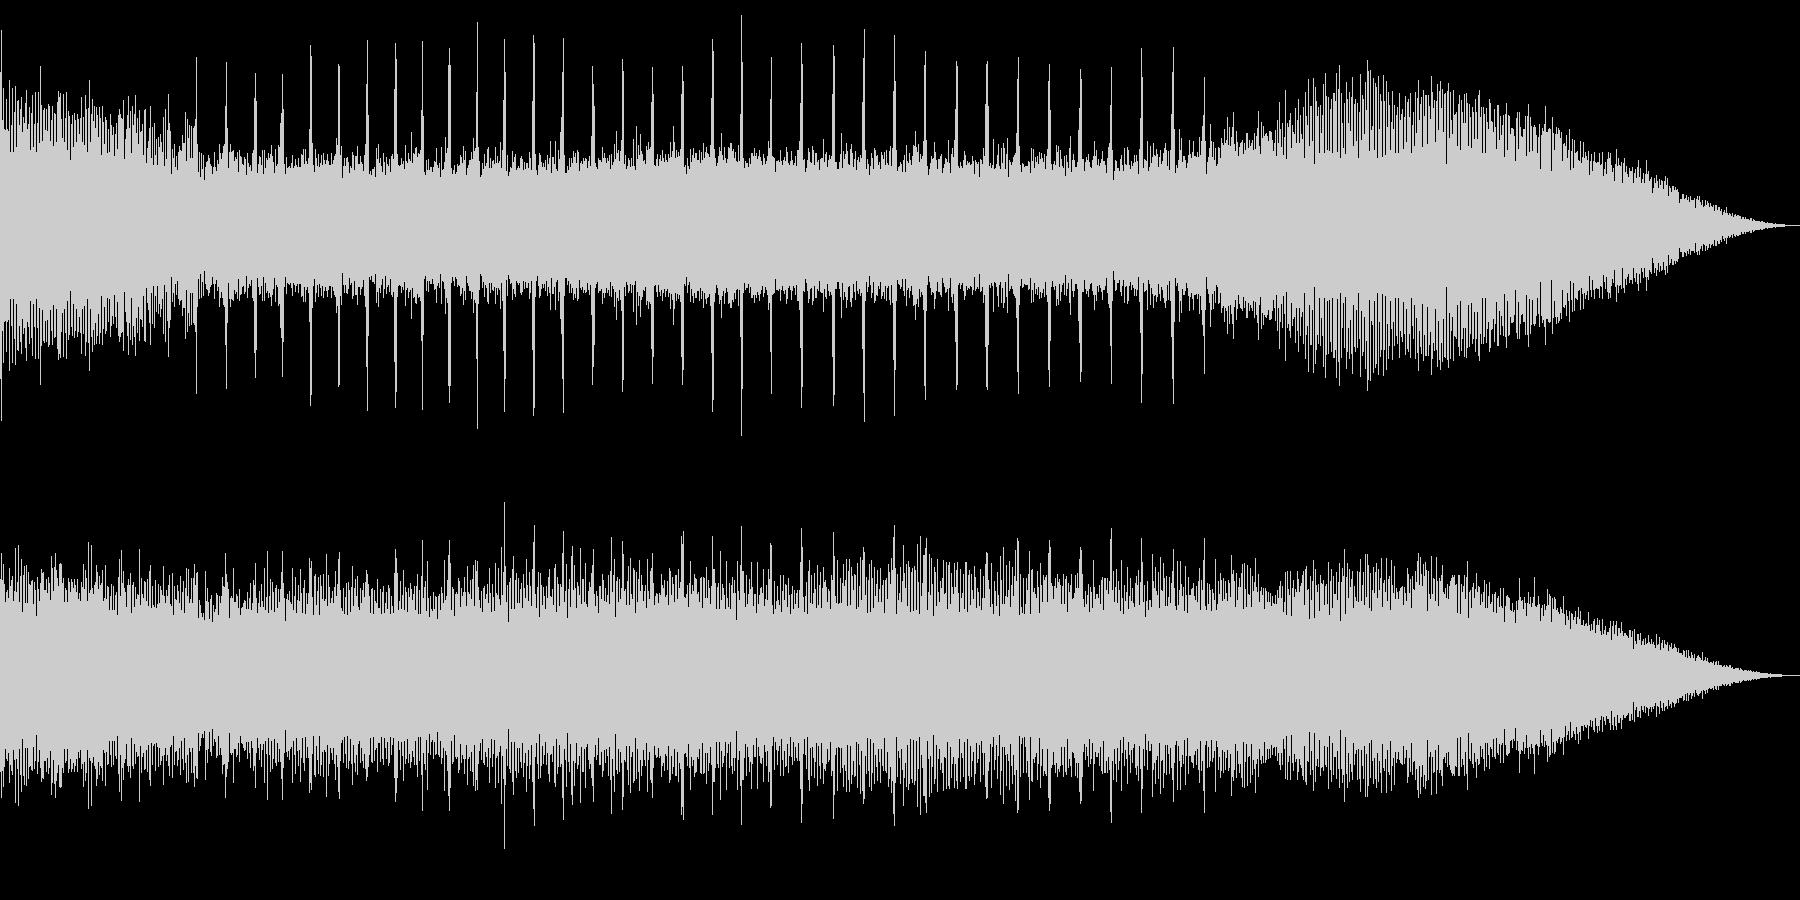 蝉のミーンミーン&川のザーザーのコラボの未再生の波形